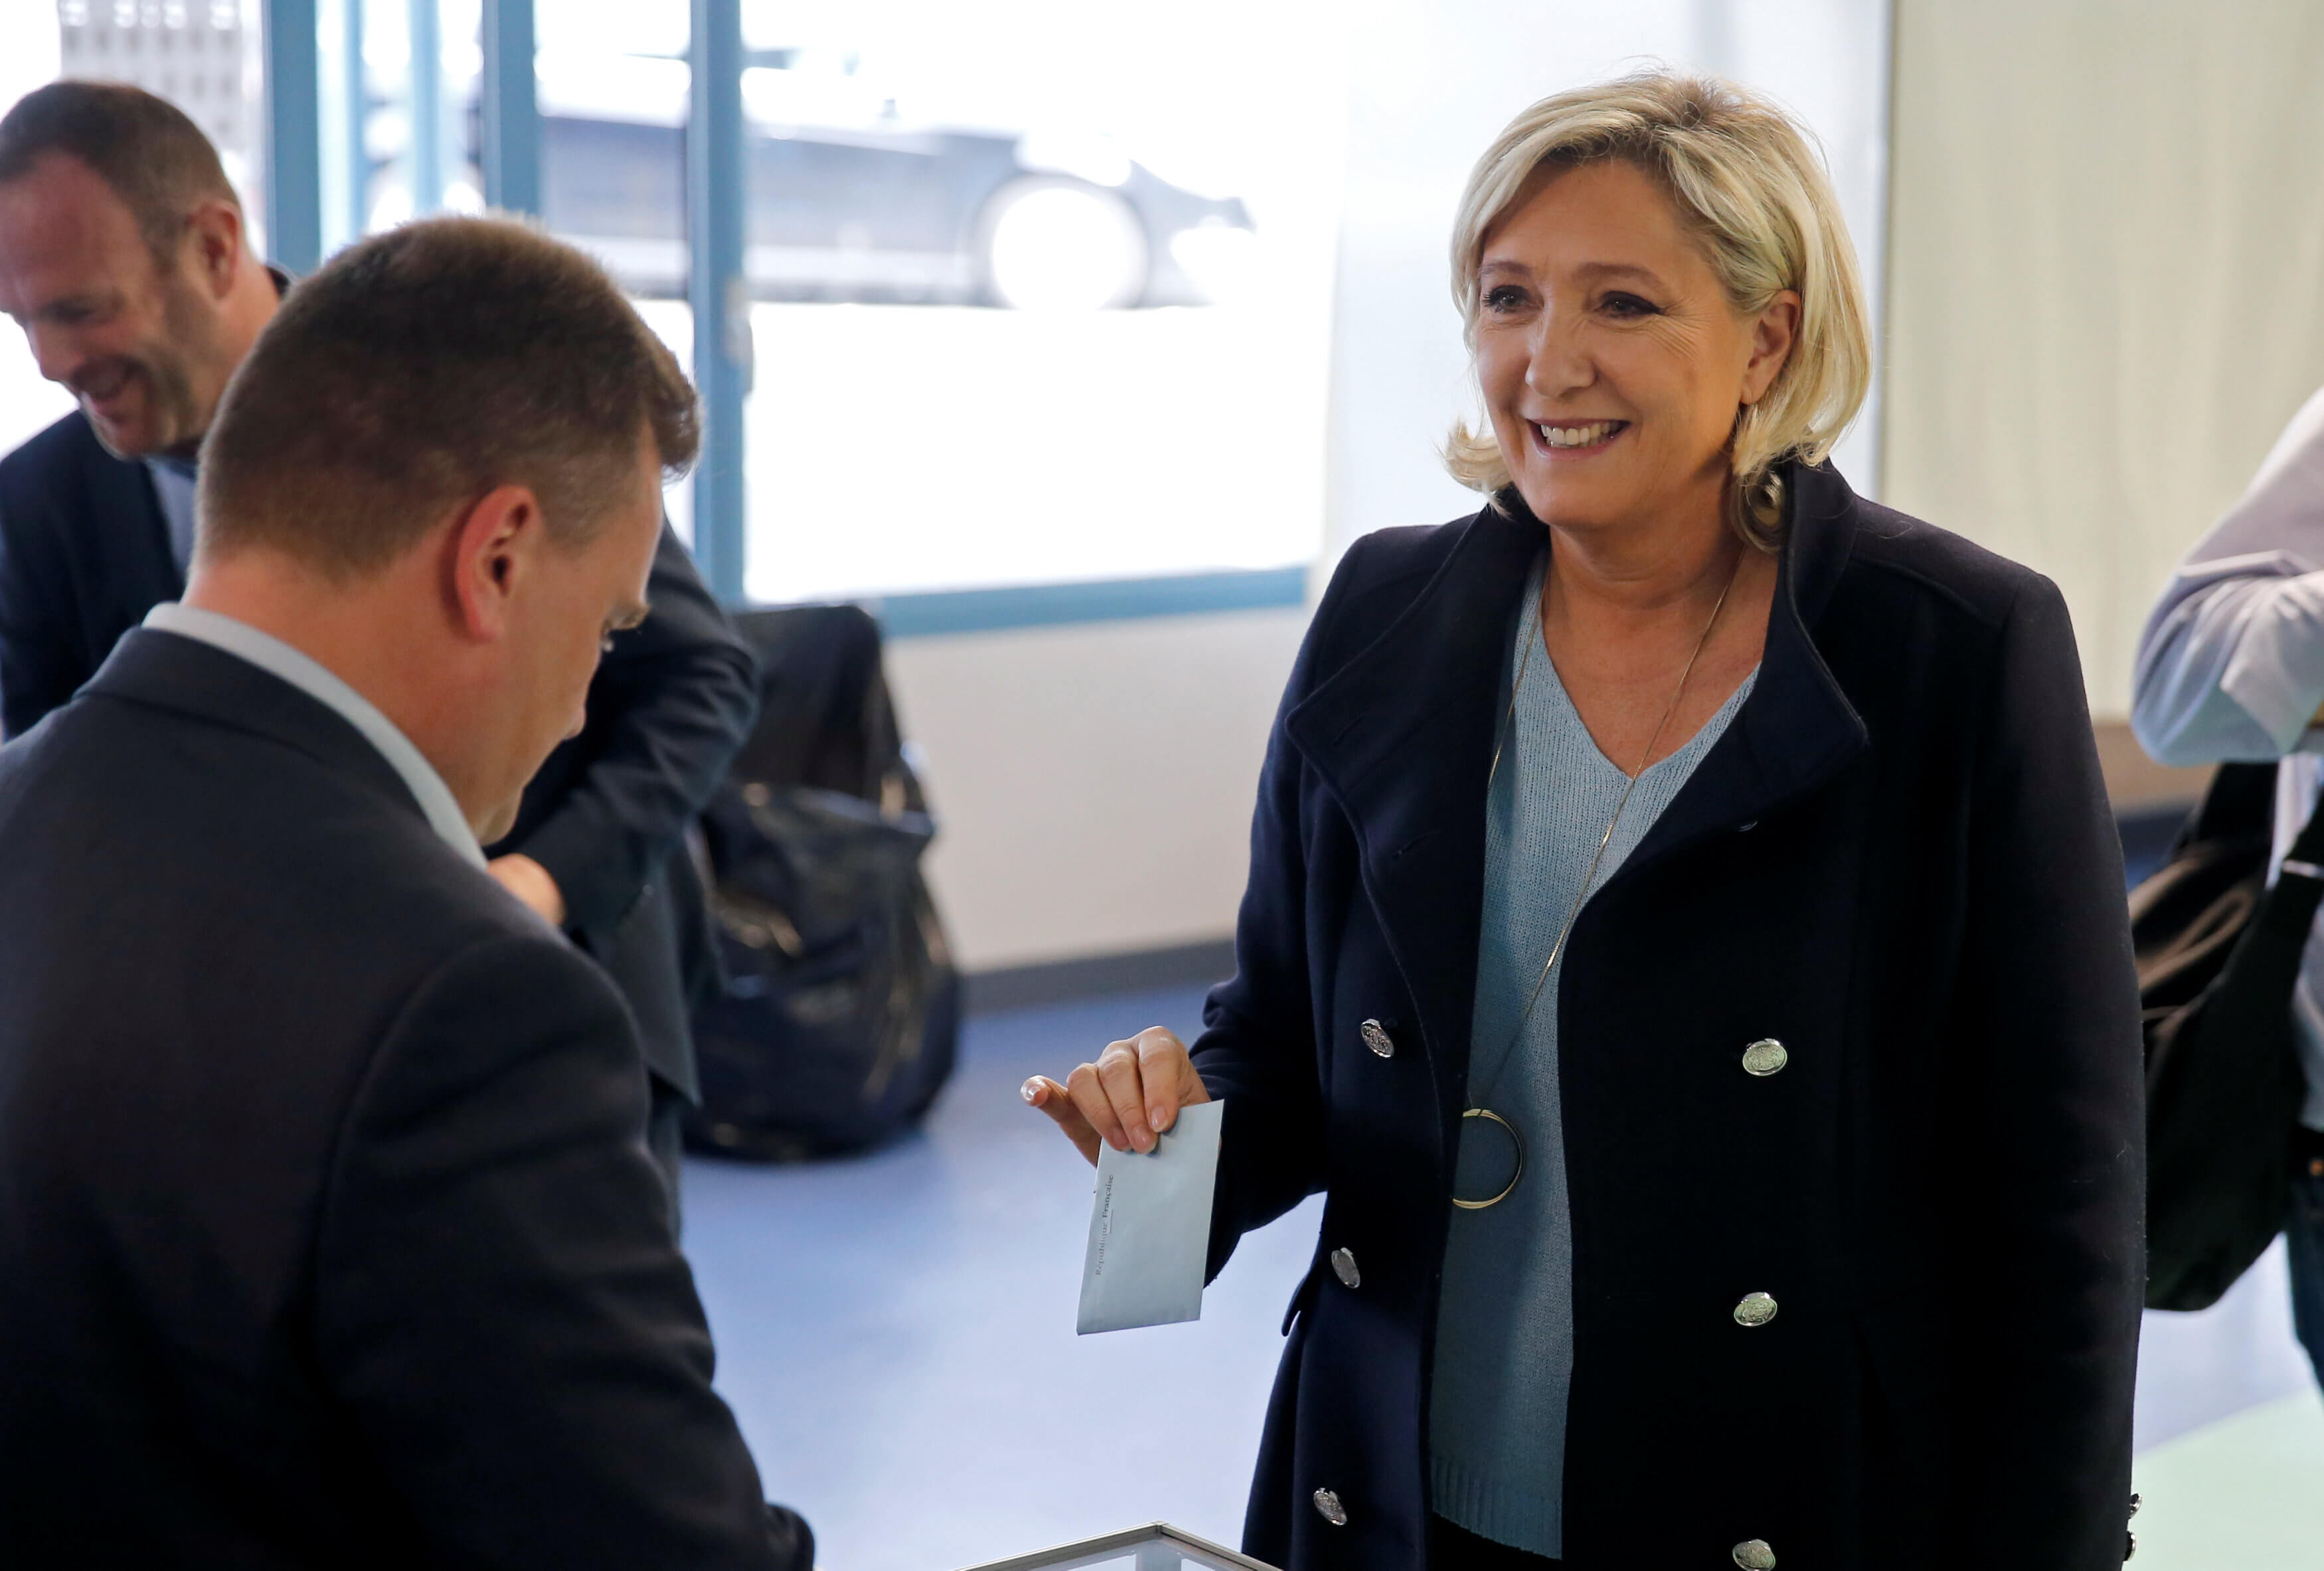 Ευρωεκλογές 2019: Τρόμος στη Γαλλία – Πρώτη η Λε Πεν σύμφωνα με τα exit poll